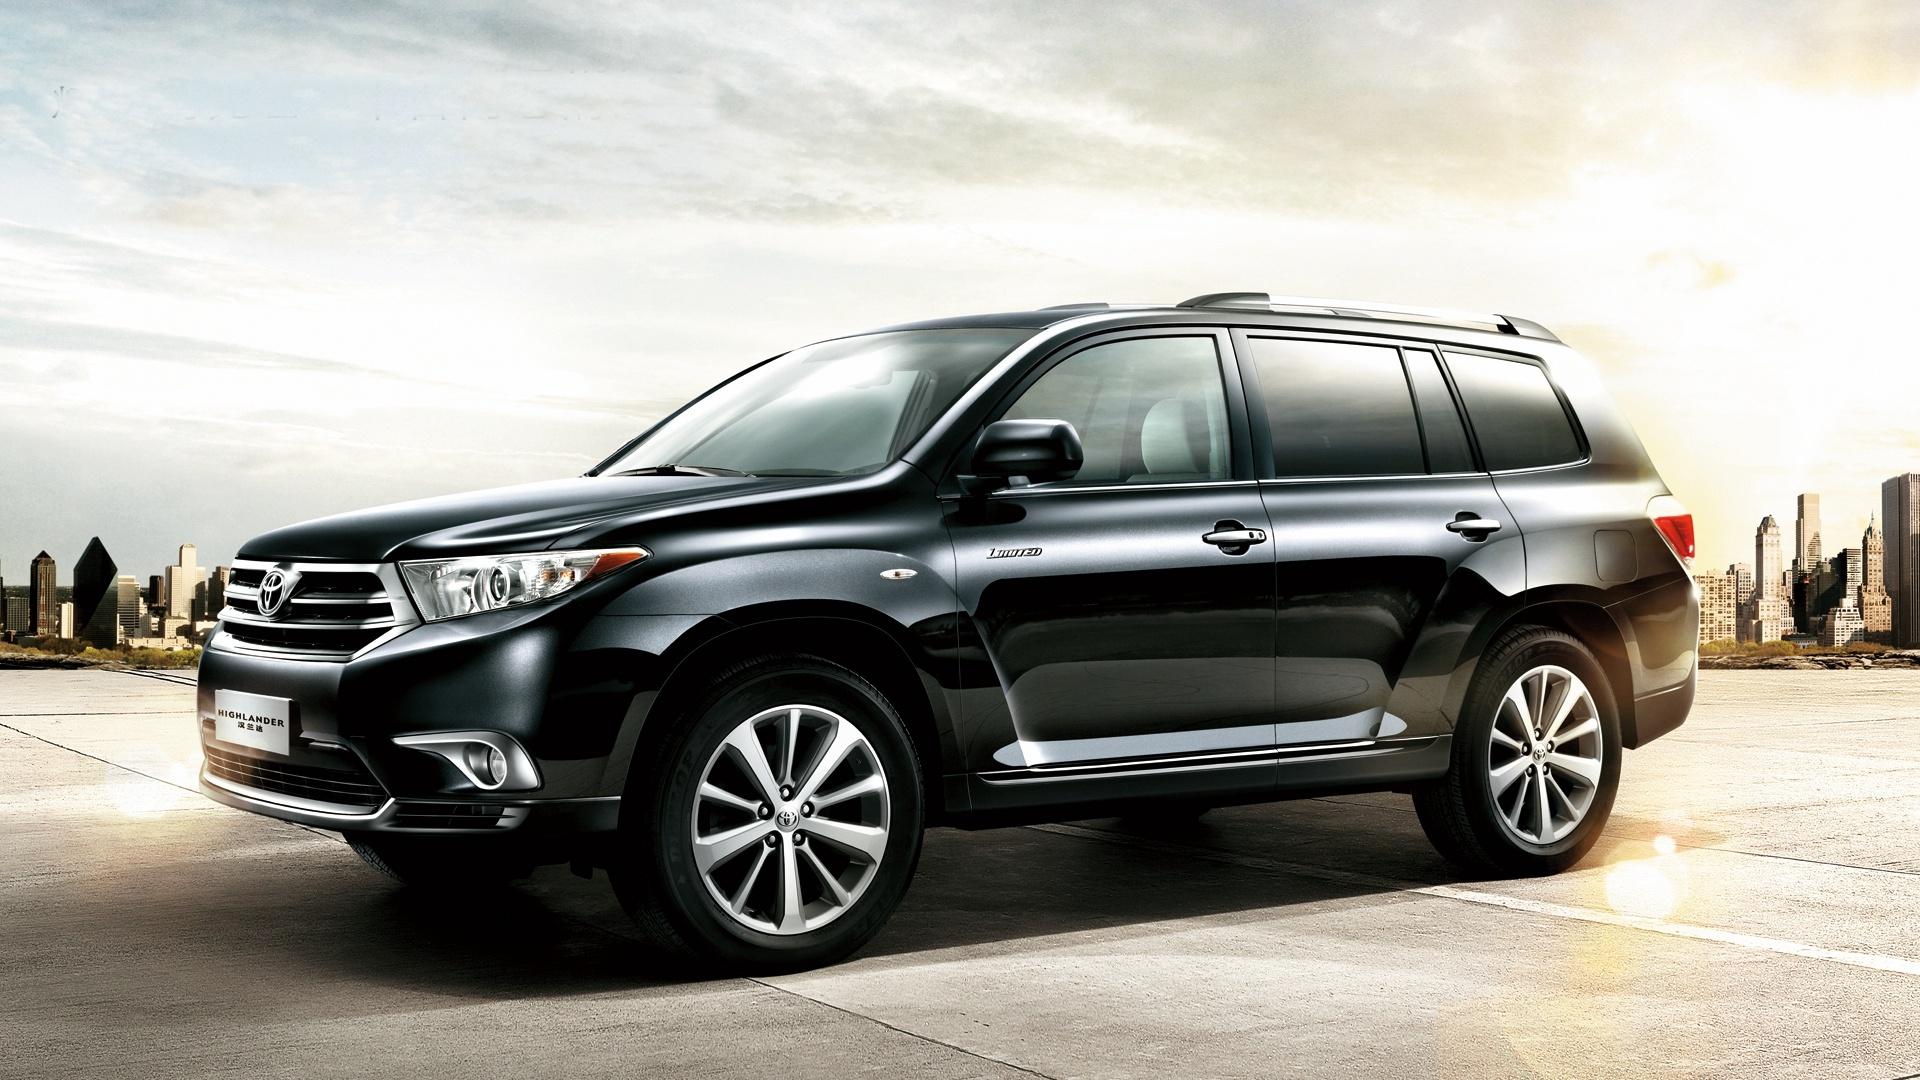 """全新英菲尼迪QX50上市,城市SUV该不该彻底""""城市化""""?"""